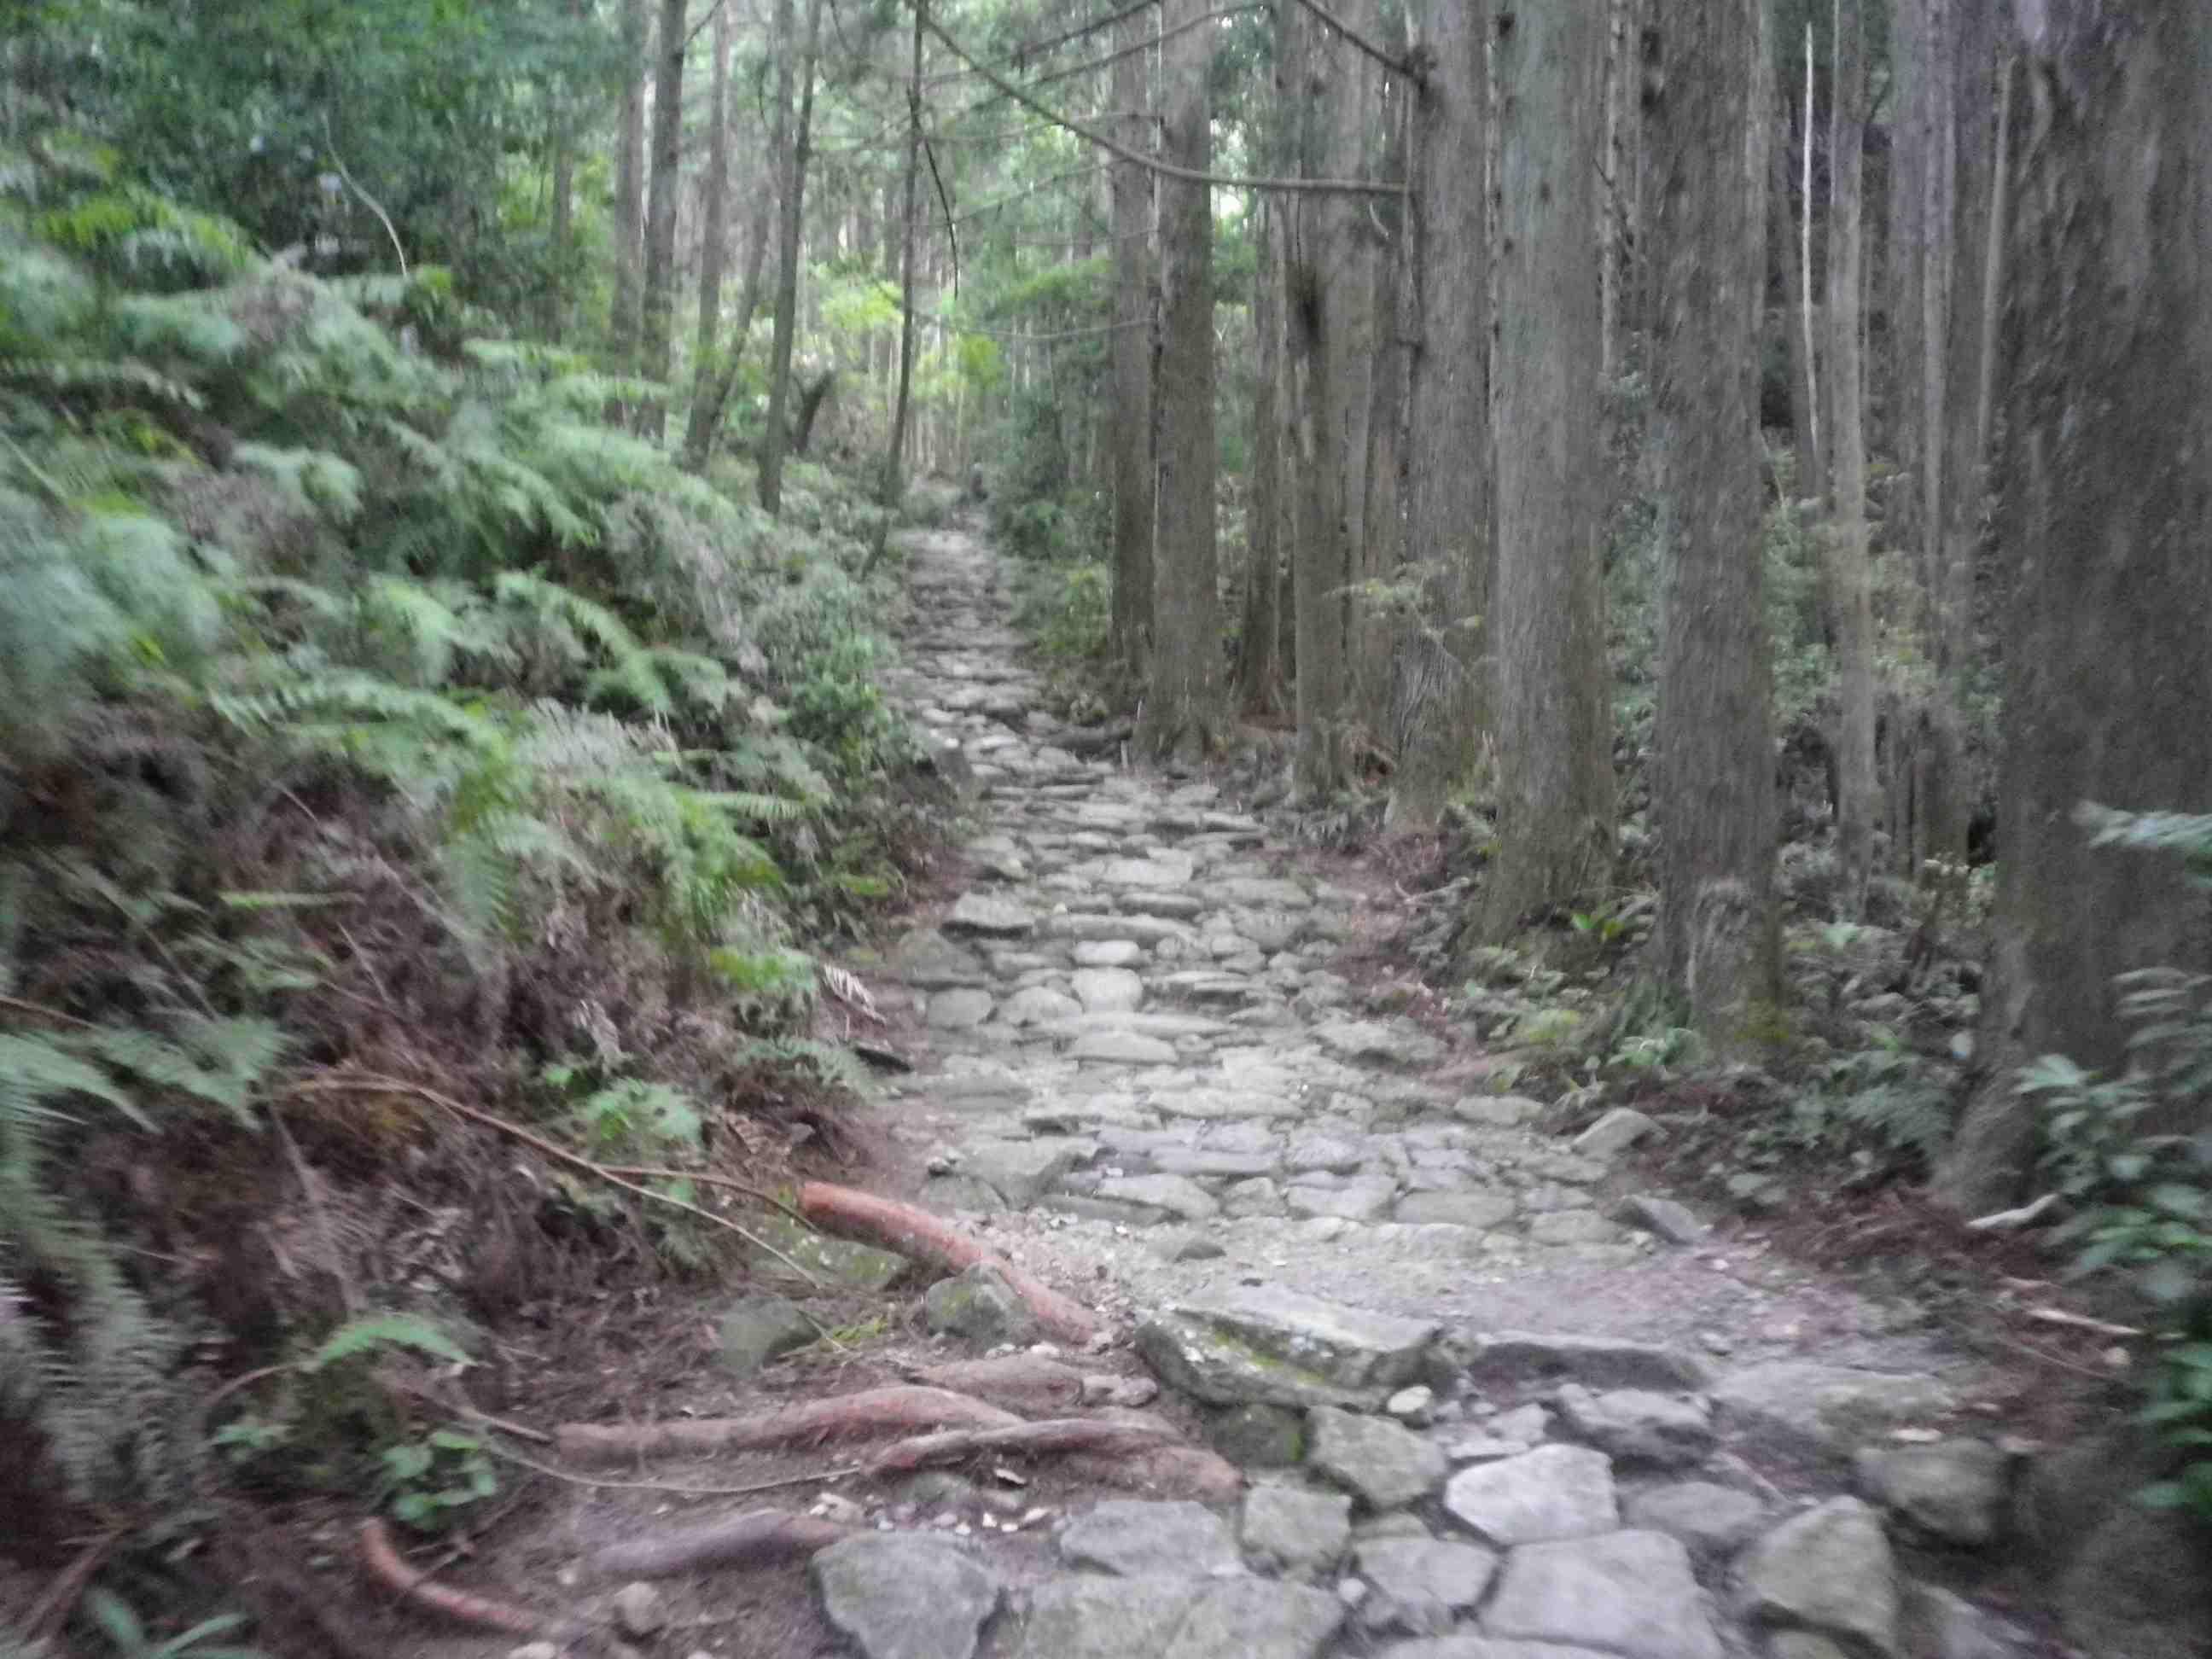 世界遺産熊野古道(馬越峠/天狗倉山)より_d0157745_23443333.jpg